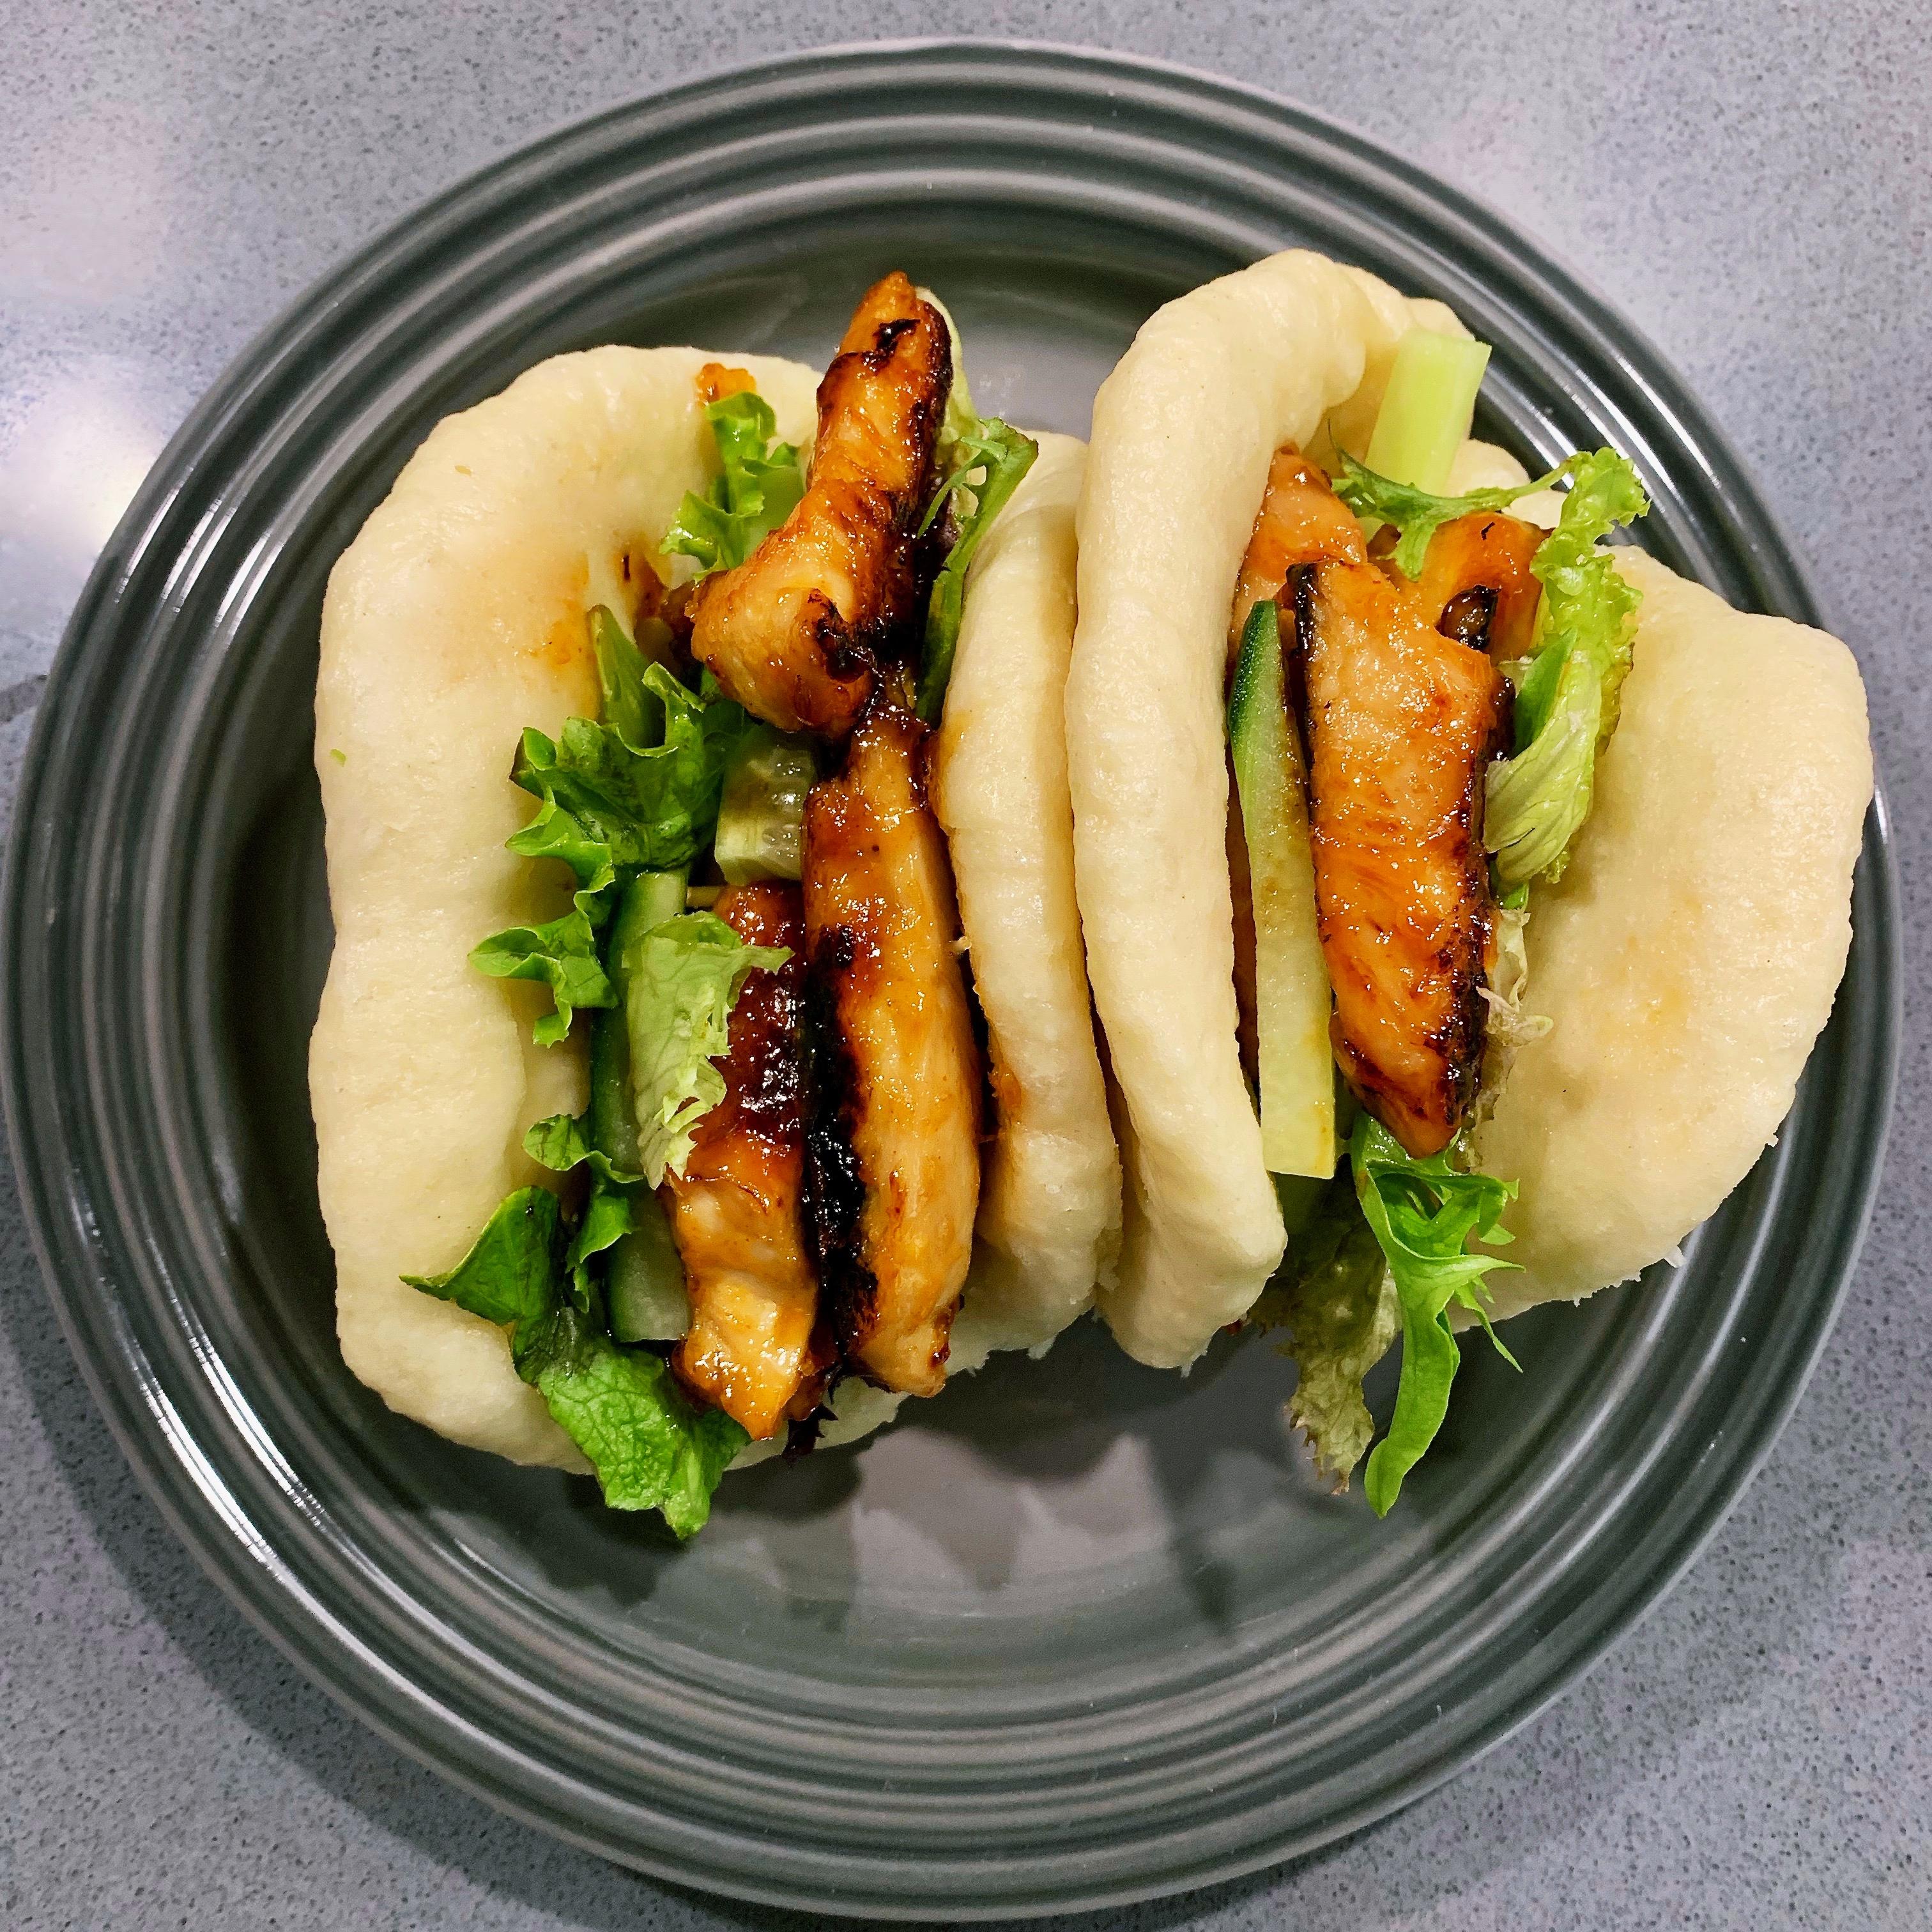 Geeta's Sauces Mango Sauce Bao Buns